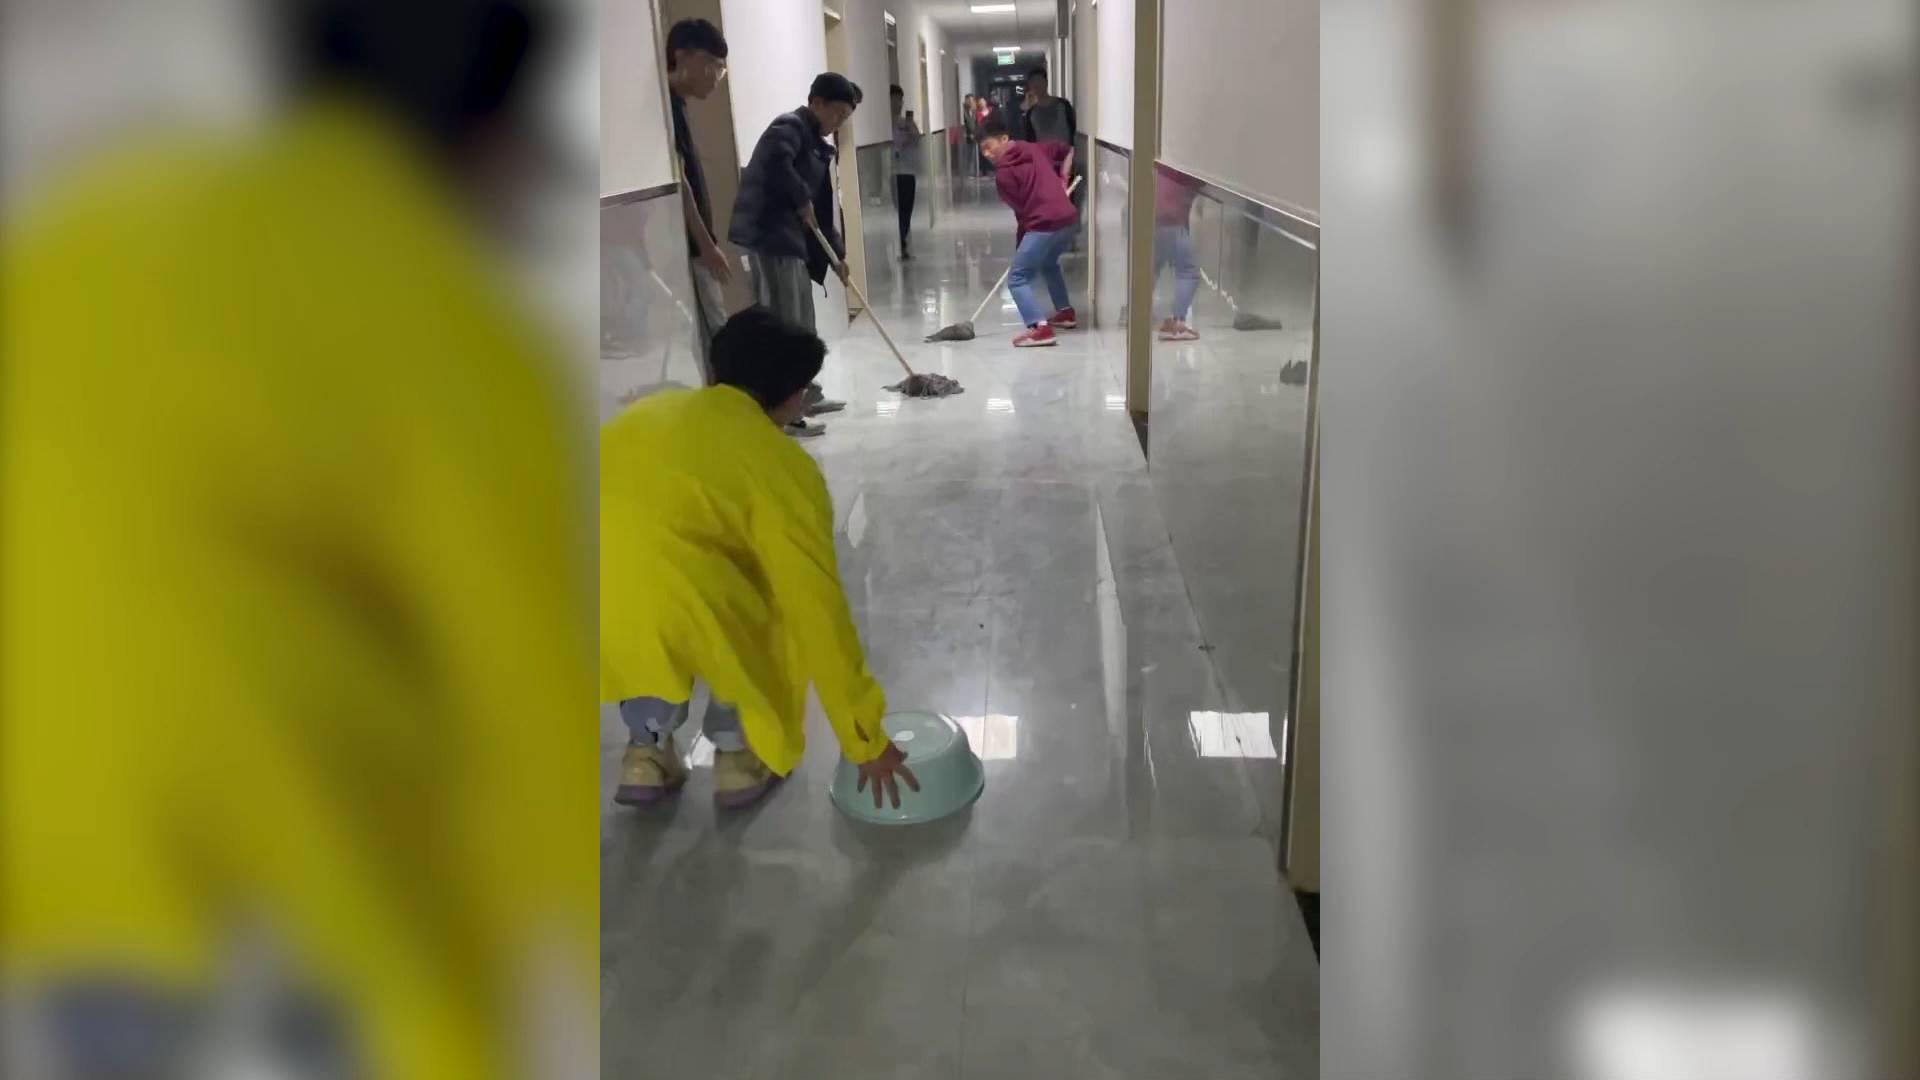 39秒丨大学生宿舍走廊用脸盆扫把玩冰壶:一层楼的同学都玩疯了